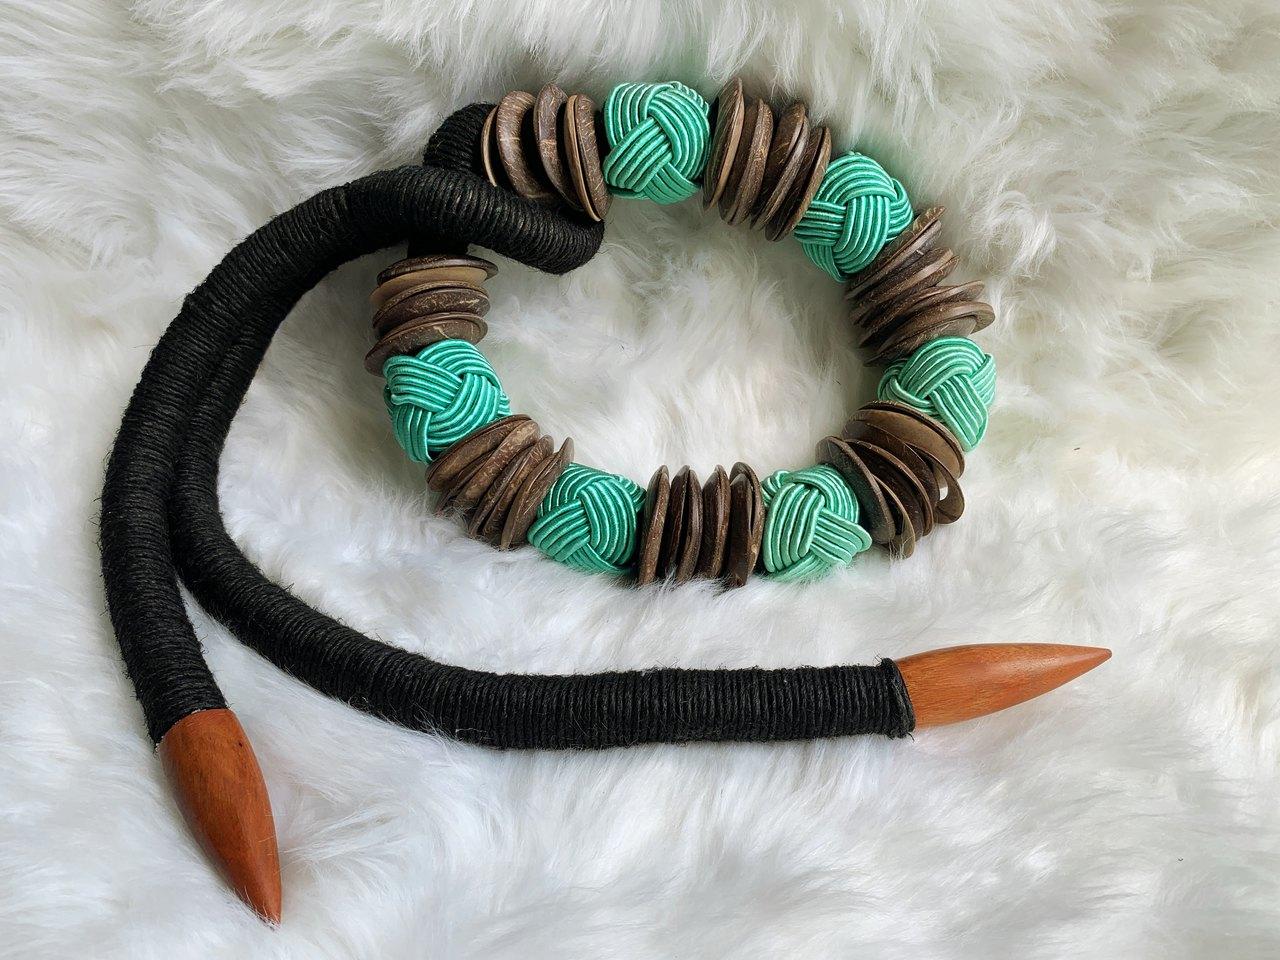 Colar de decoração preto com cordas verdes